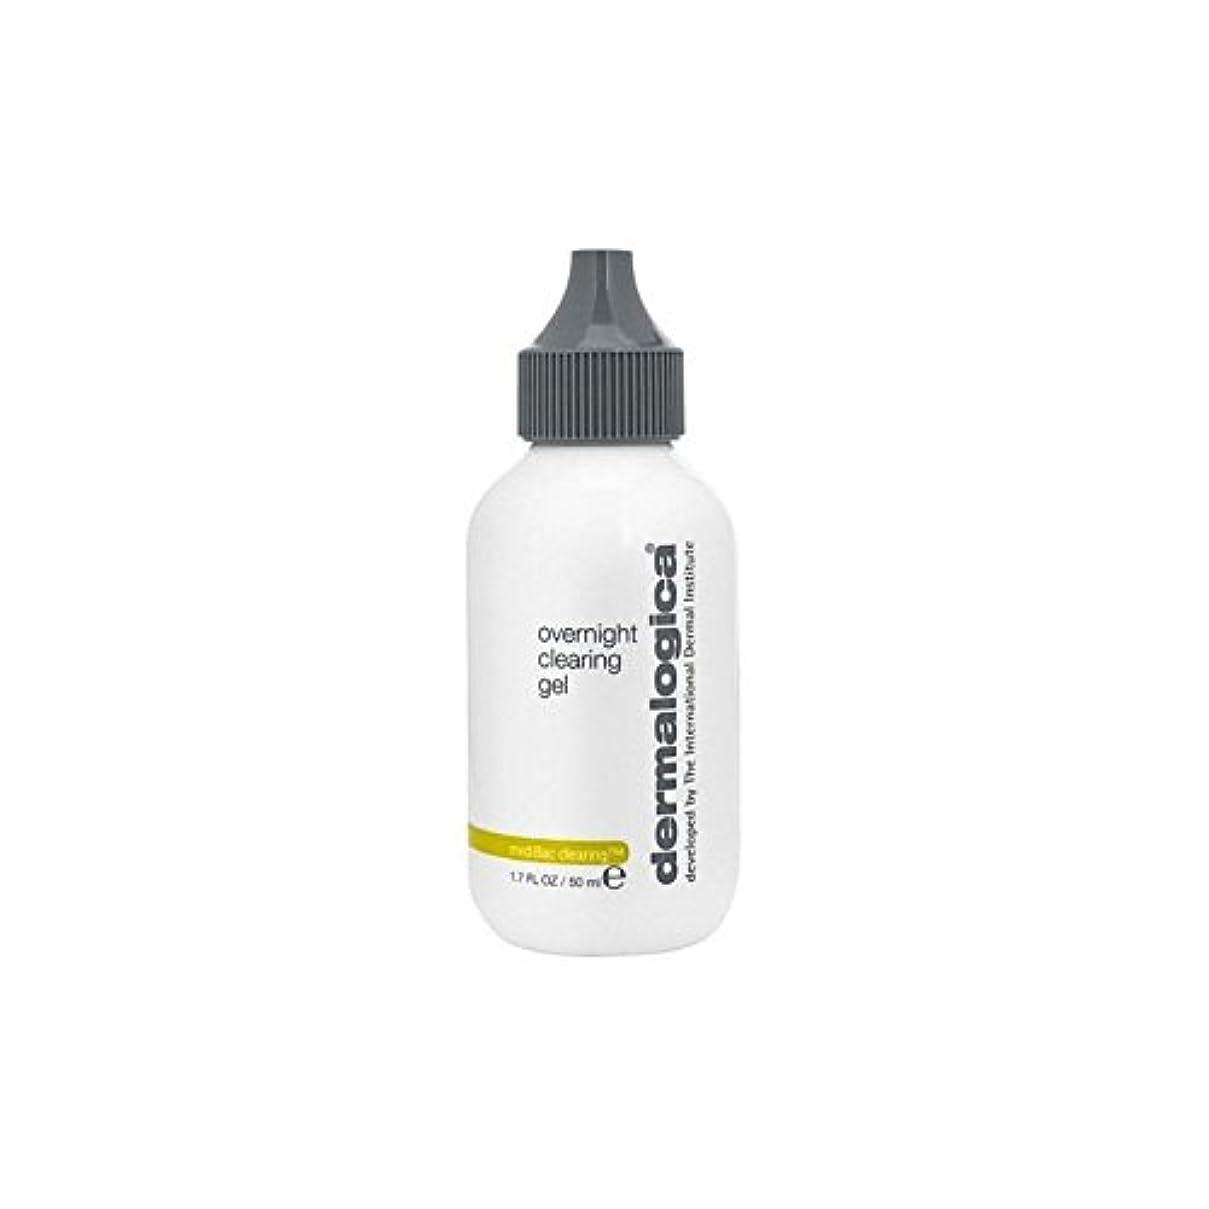 有益な寄付する低いダーマロジカ一晩透明ゲル(50)中 x4 - Dermalogica Medibac Overnight Clearing Gel (50ml) (Pack of 4) [並行輸入品]